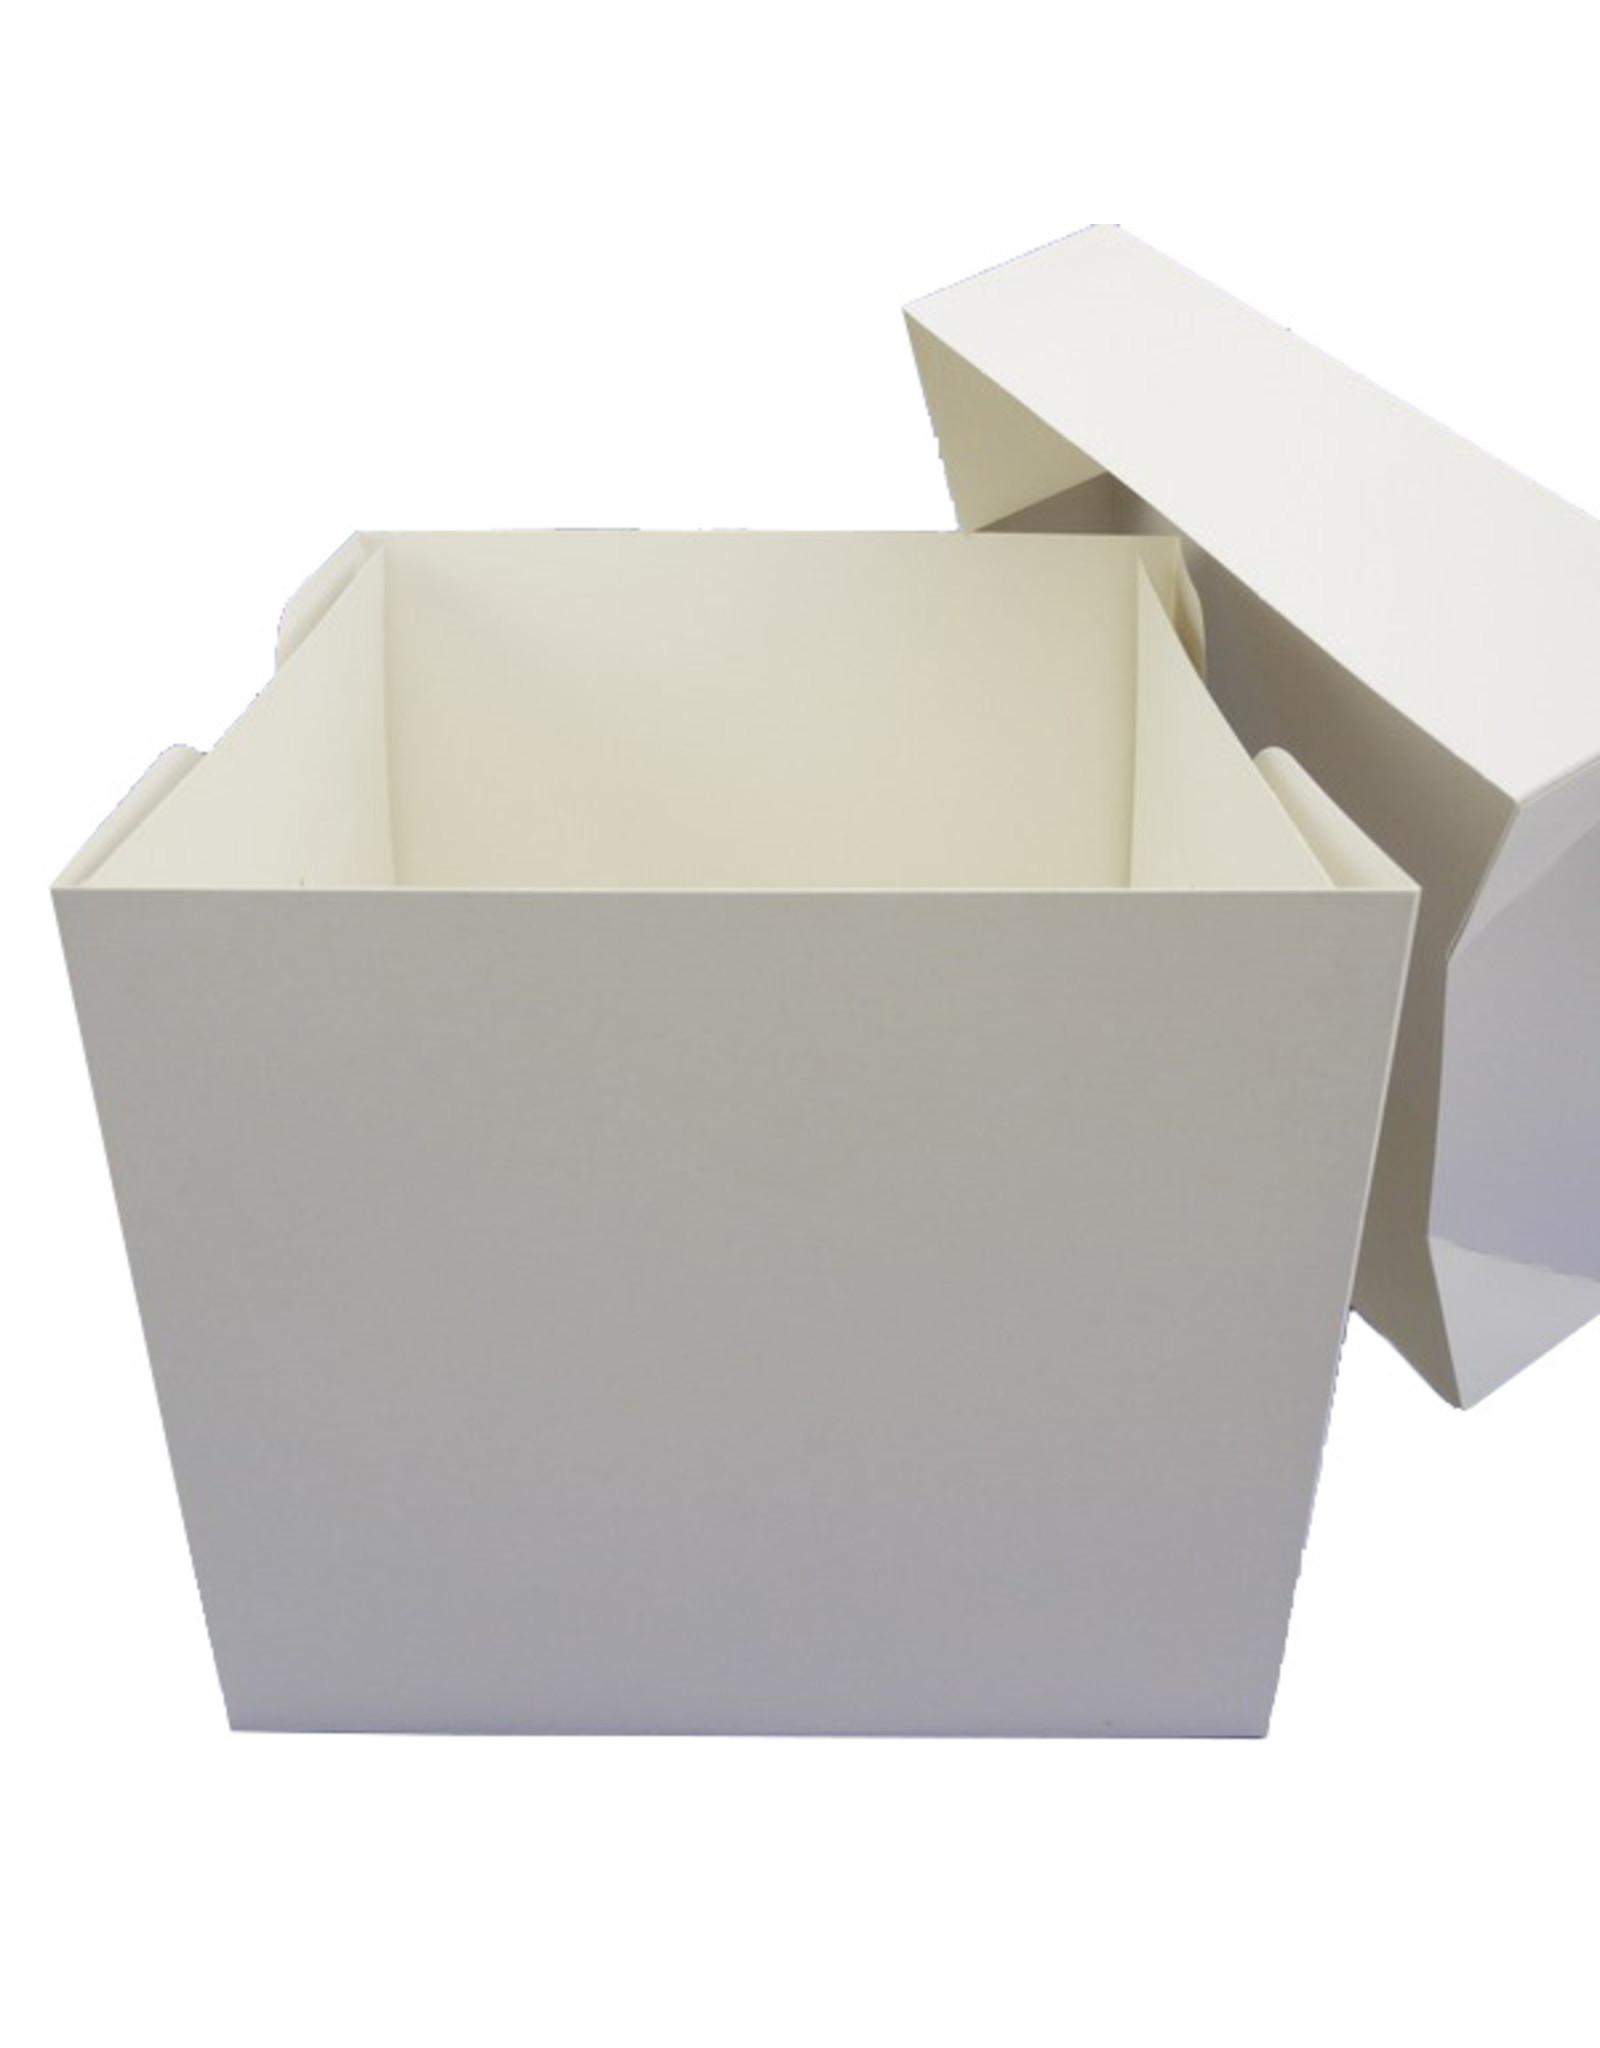 Hoge taartdoos - 28 x 28 x 25 cm (per 50 stuks)